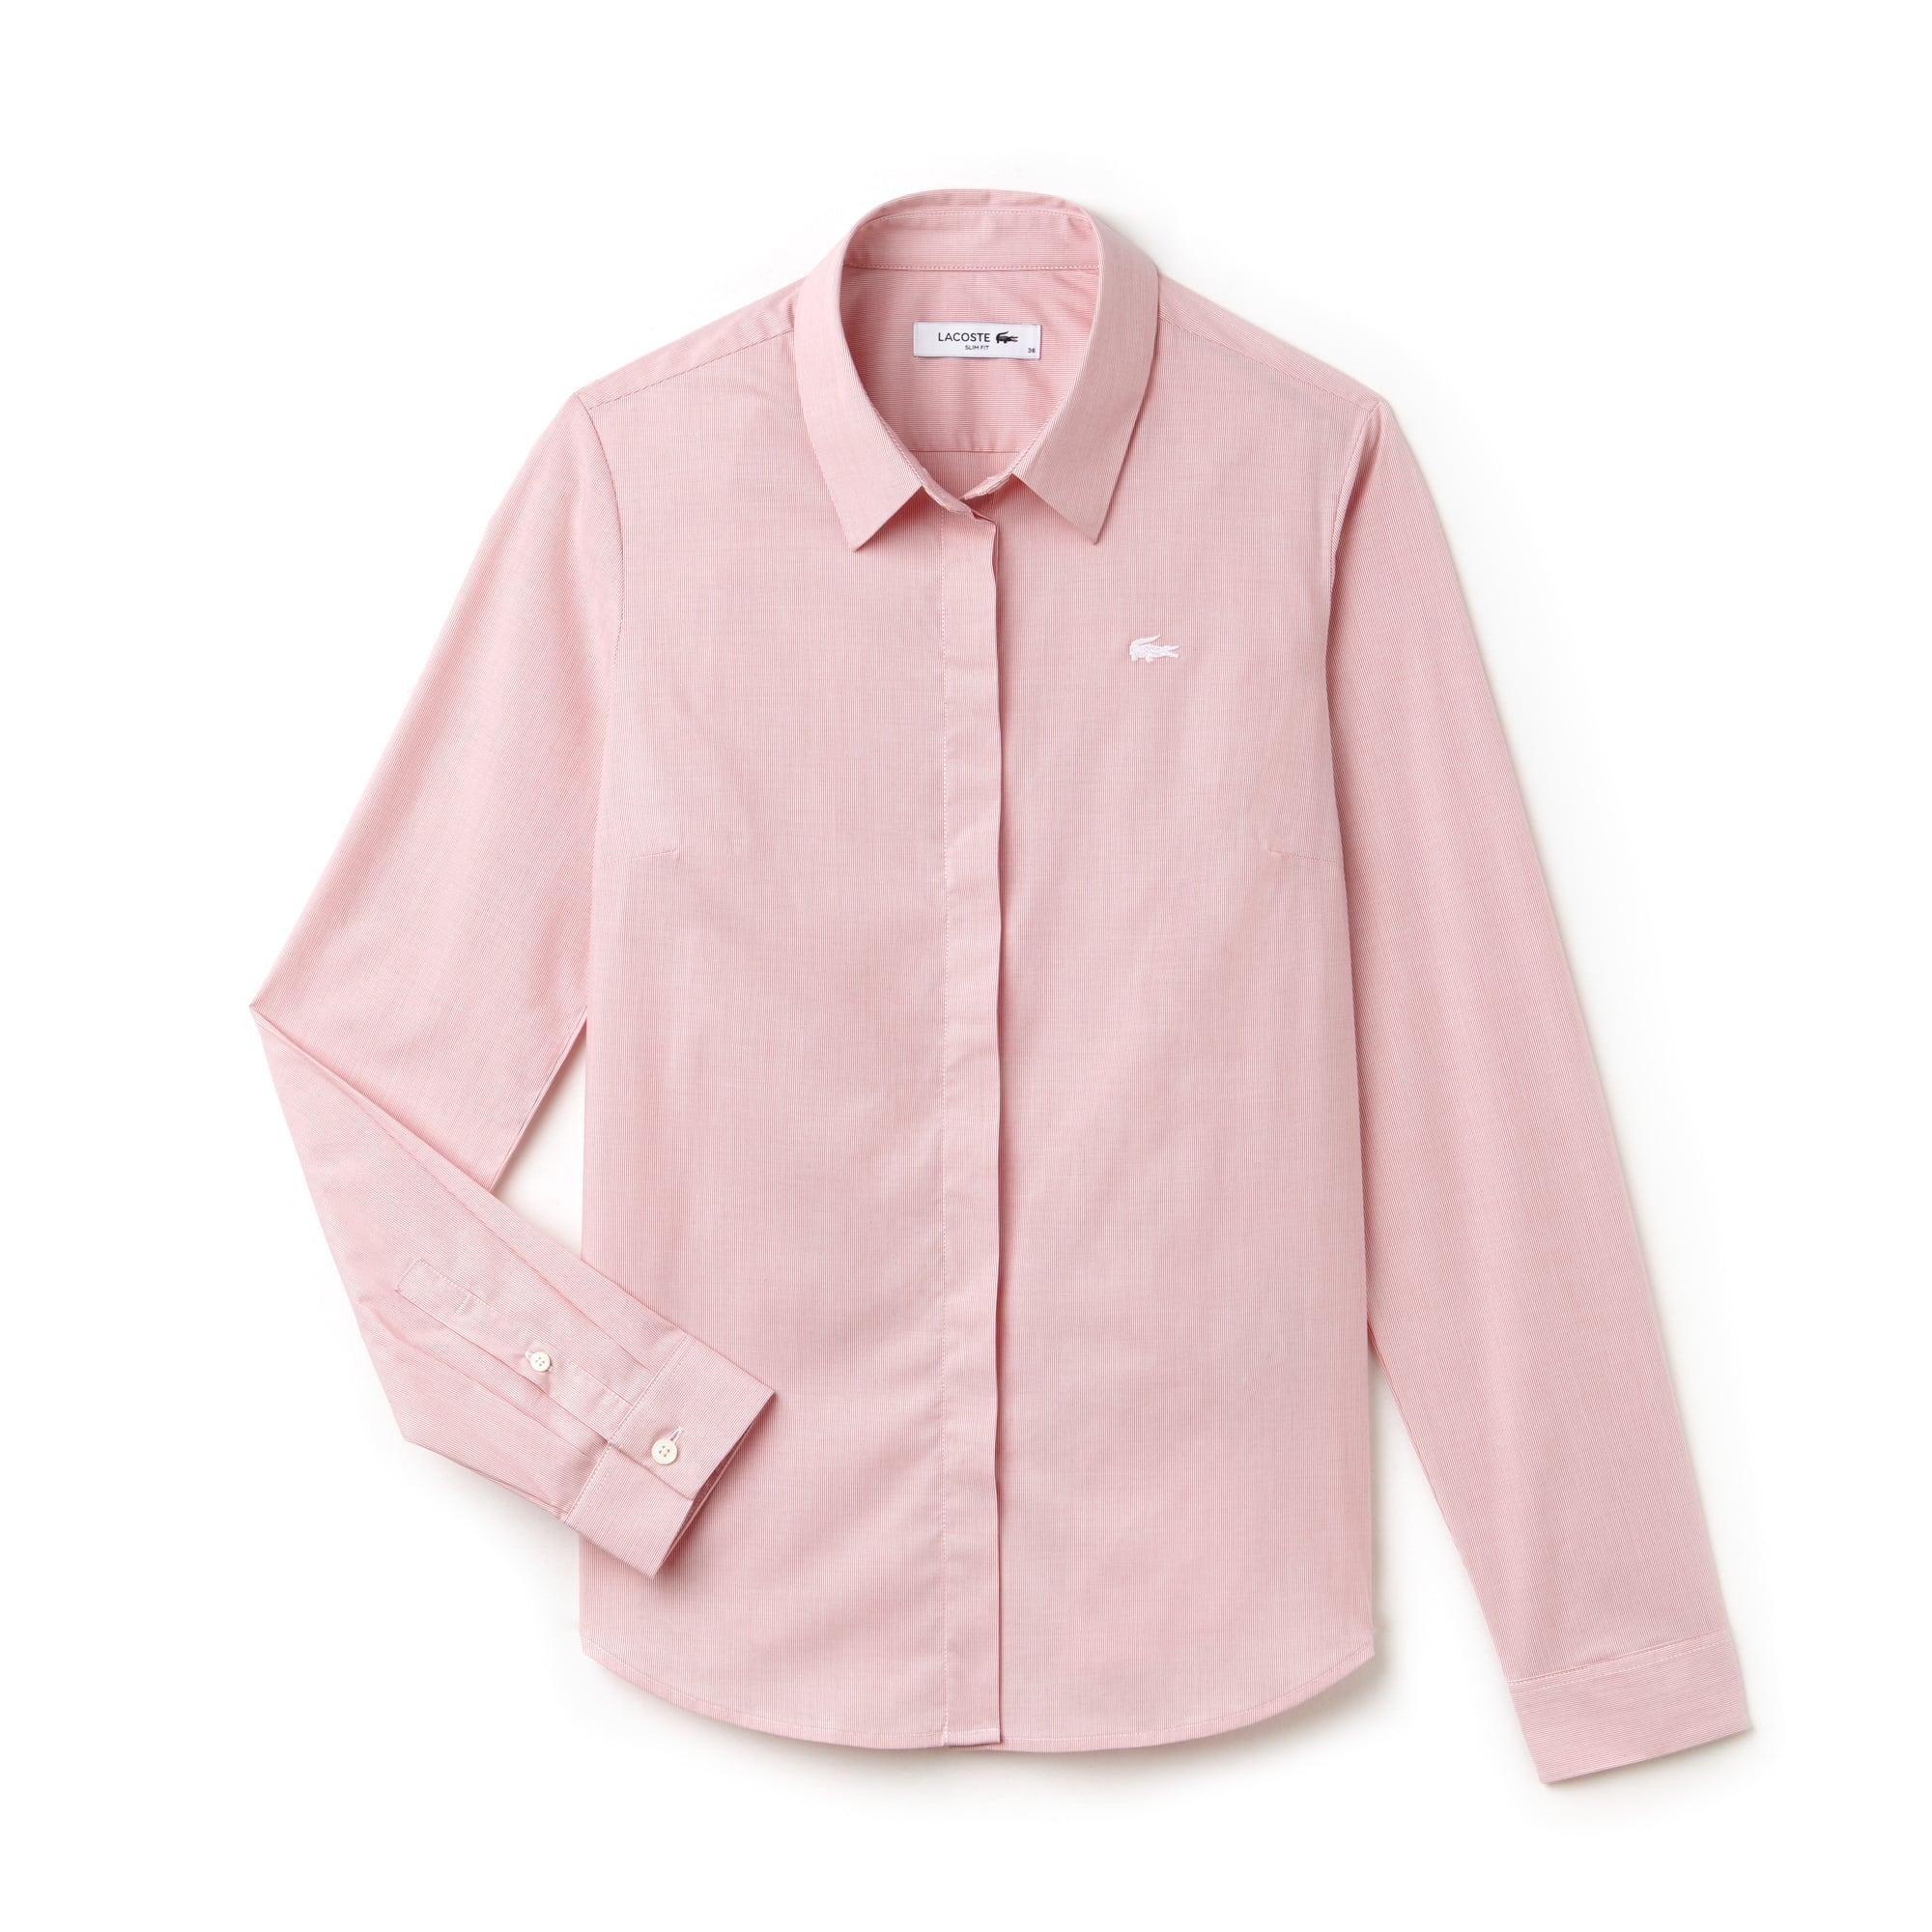 Camisa Slim Fit Masculina Listrada em Popeline de Algodão Stretch